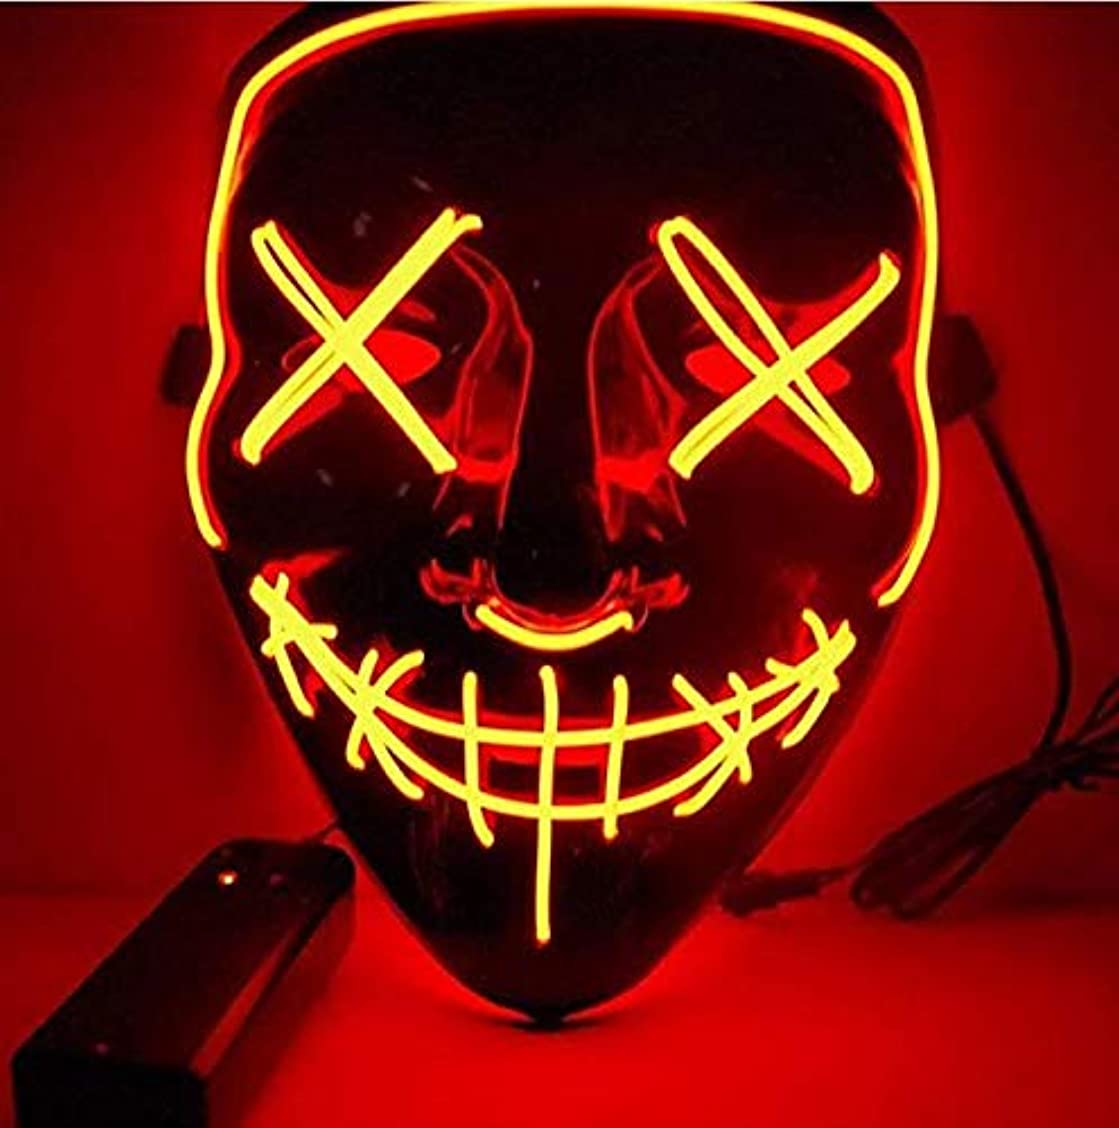 姿勢時制嫌なハロウィンマスクLEDライトアップパーティーマスクコスプレコスチュームサプライ暗闇で光る (Color : ROSE RED)